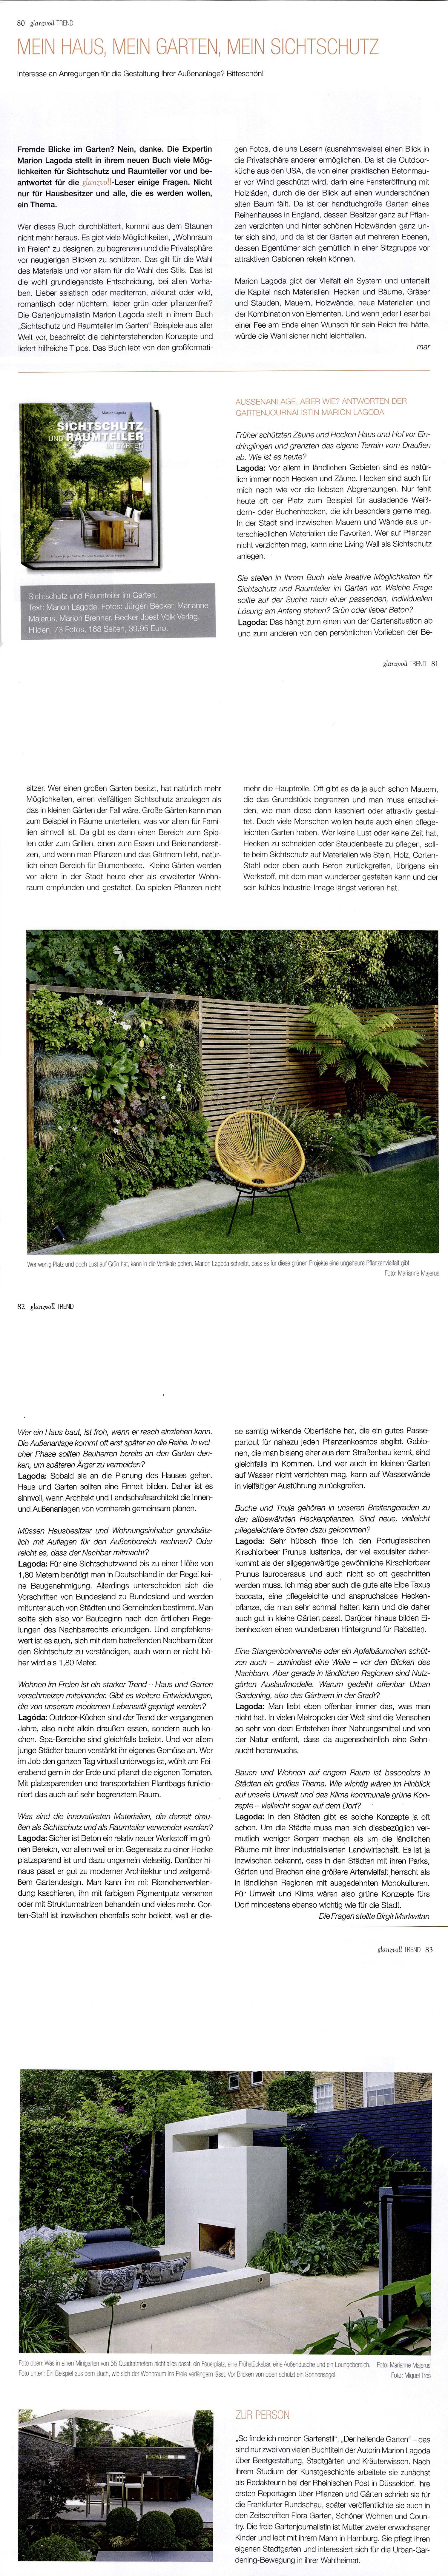 Sichtschutz Nachbarn Fragen Verschiedene Ideen Zur Raumgestaltung